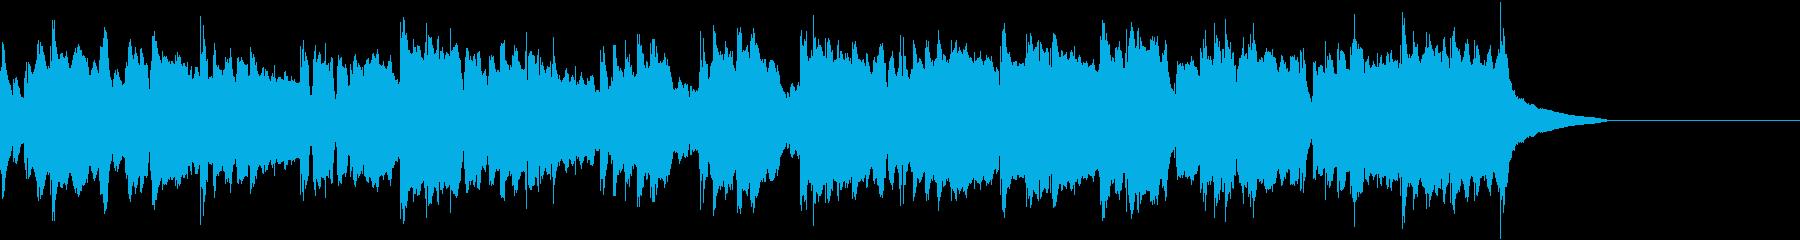 告知やCMなどに使える穏やかな曲の再生済みの波形